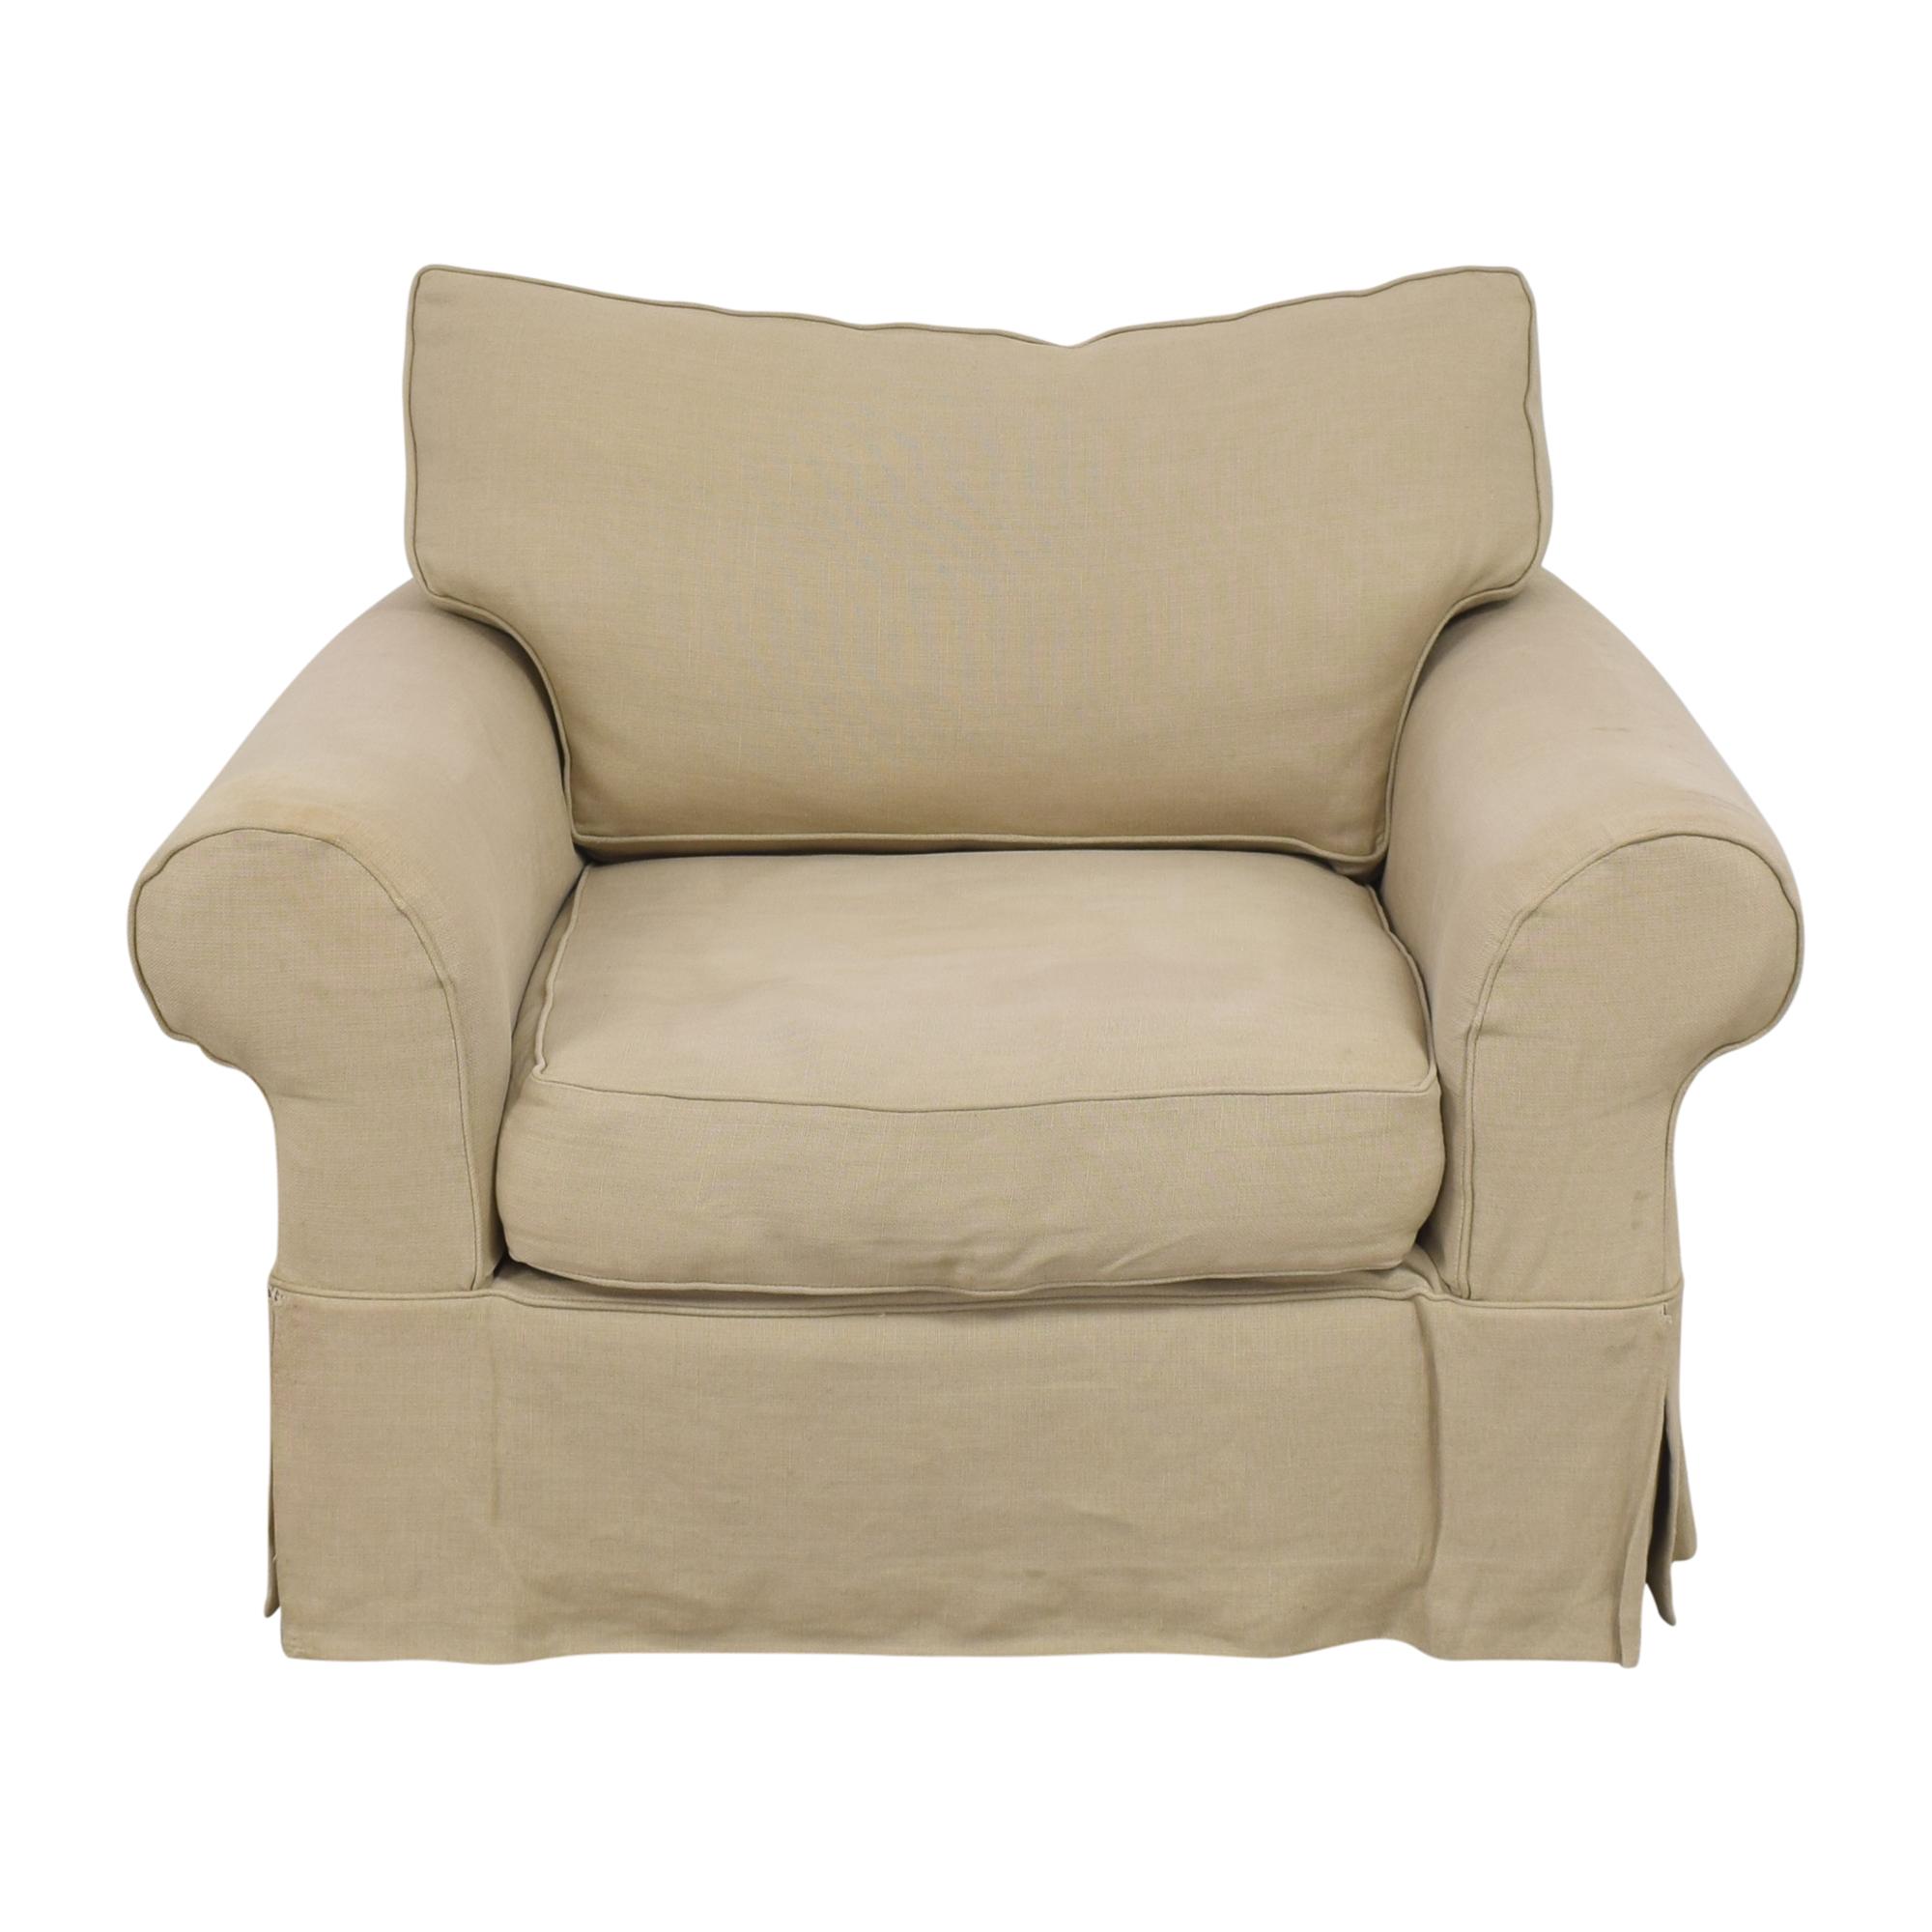 Restoration Hardware Restoration Hardware Grand-Scale Roll Arm Chair cream